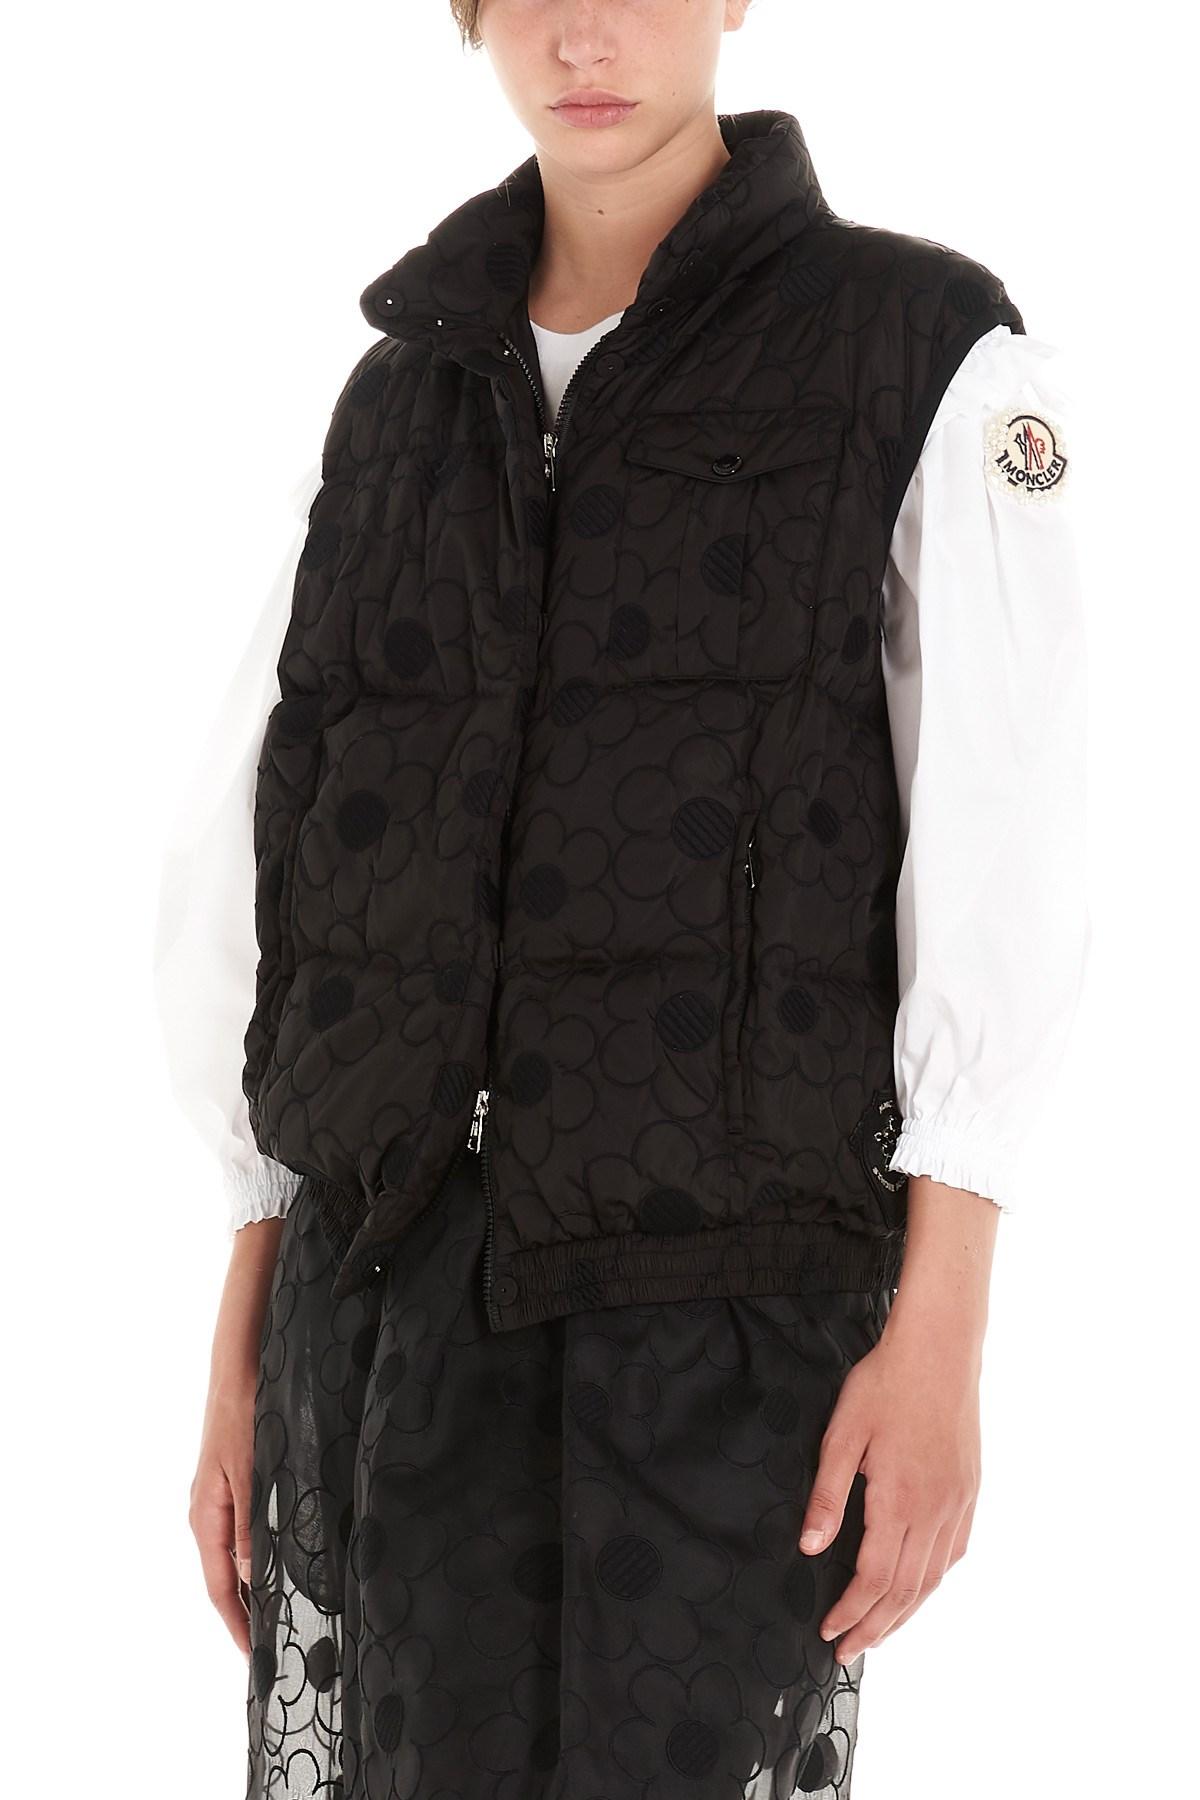 438239da1 moncler genius Moncler Genius x Simone Rocha 'Sash' vest available ...